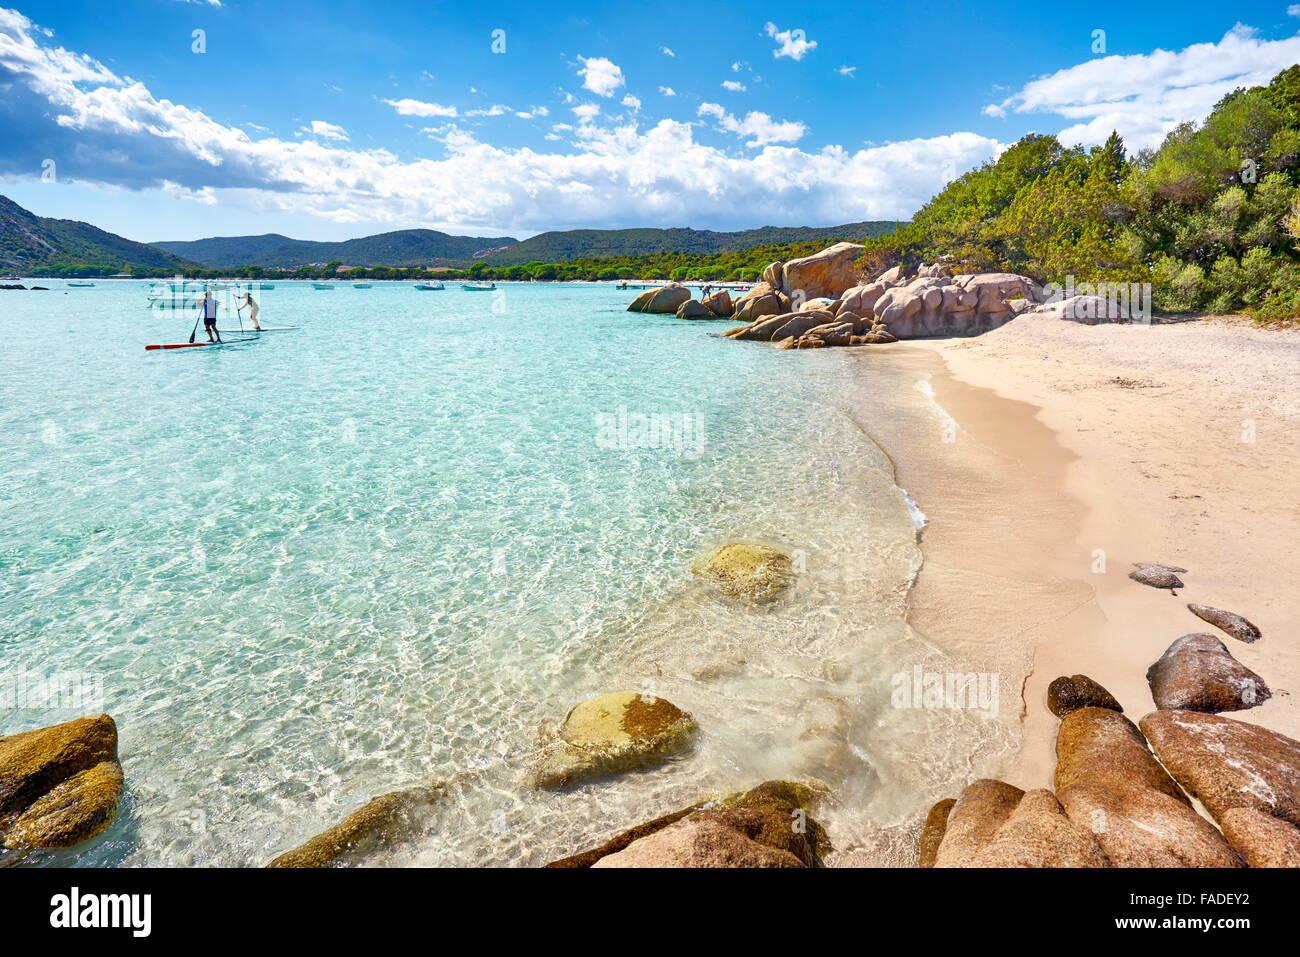 Spiaggia di Santa Giulia, Porto-Vecchio, costa orientale della Corsica, Francia Immagini Stock